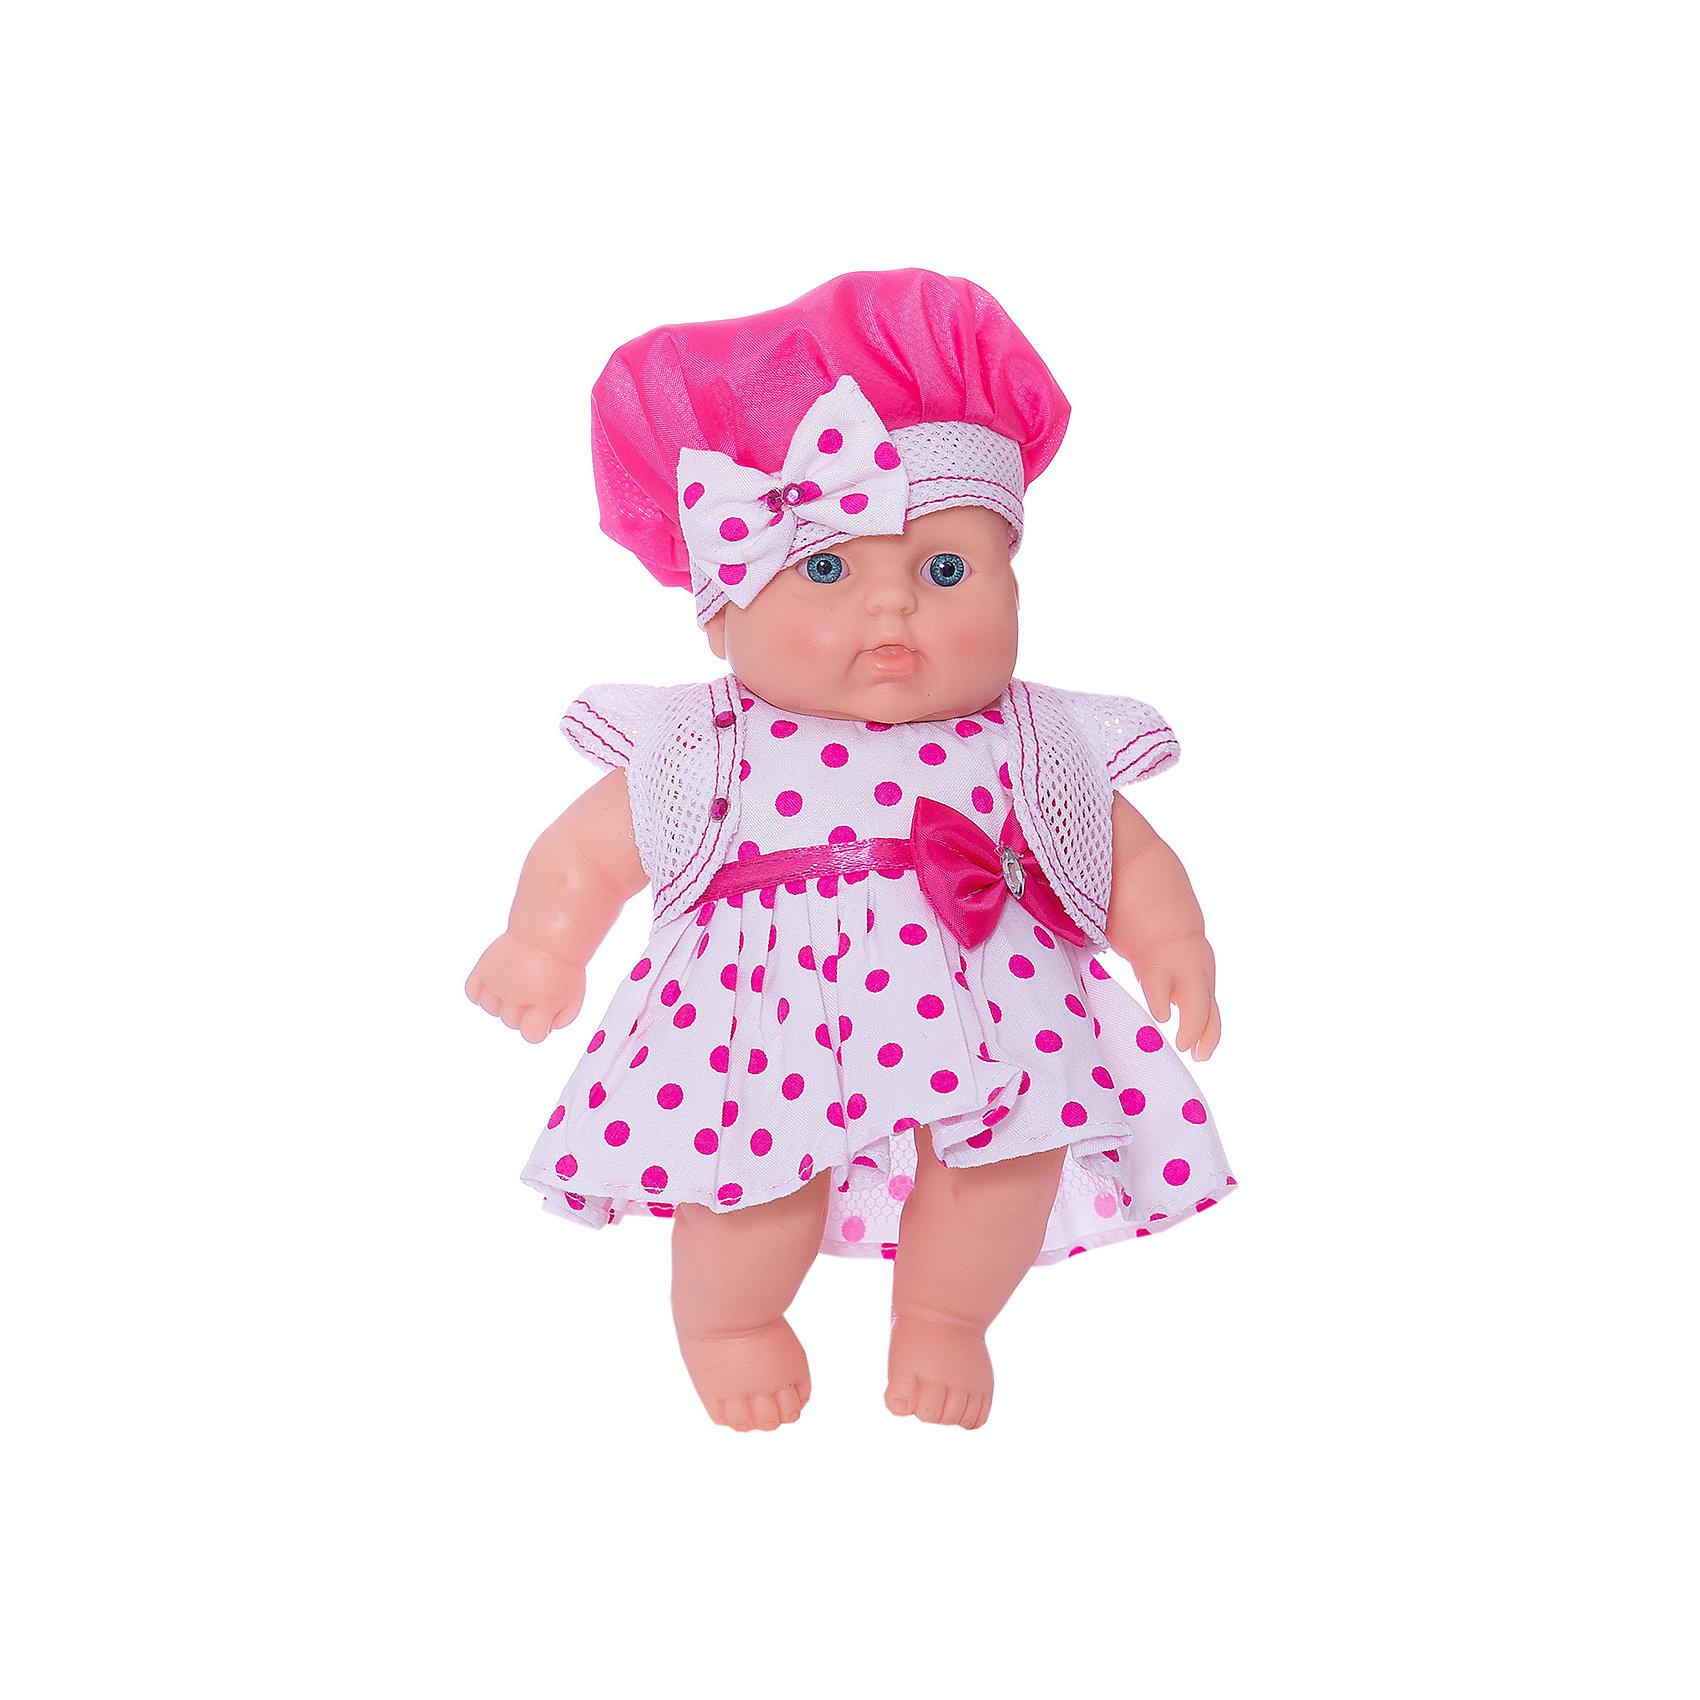 Кукла Карапуз 14 (девочка), 20 см, ВеснаКуклы<br>Игрушки от компании Весна - это простой способ порадовать ребенка! Кукла для девочки - это не только игрушка, с которой можно весело провести время, кукла - это возможность отрабатывать навыки поведения в обществе, учиться заботе о других, делать прически и одеваться согласно моде и поводу.<br>Эта красивая кукла-пупс только симпатично выглядит, она дополнена модным нарядом! С ней даже можно купаться Такая кукла запросто может стать самой любимой игрушкой! Произведена из безопасных для ребенка и качественных материалов.<br><br>Дополнительная информация:<br><br>цвет: разноцветный;<br>материал: пластик, текстиль;<br>комплектация: кукла, одежда;<br>высота: 20 см.<br><br>Куклу Карапуз 14 (девочка), 20 см, от компании Весна можно купить в нашем магазине.<br><br>Ширина мм: 20<br>Глубина мм: 9<br>Высота мм: 200<br>Вес г: 195<br>Возраст от месяцев: 36<br>Возраст до месяцев: 120<br>Пол: Женский<br>Возраст: Детский<br>SKU: 4642028